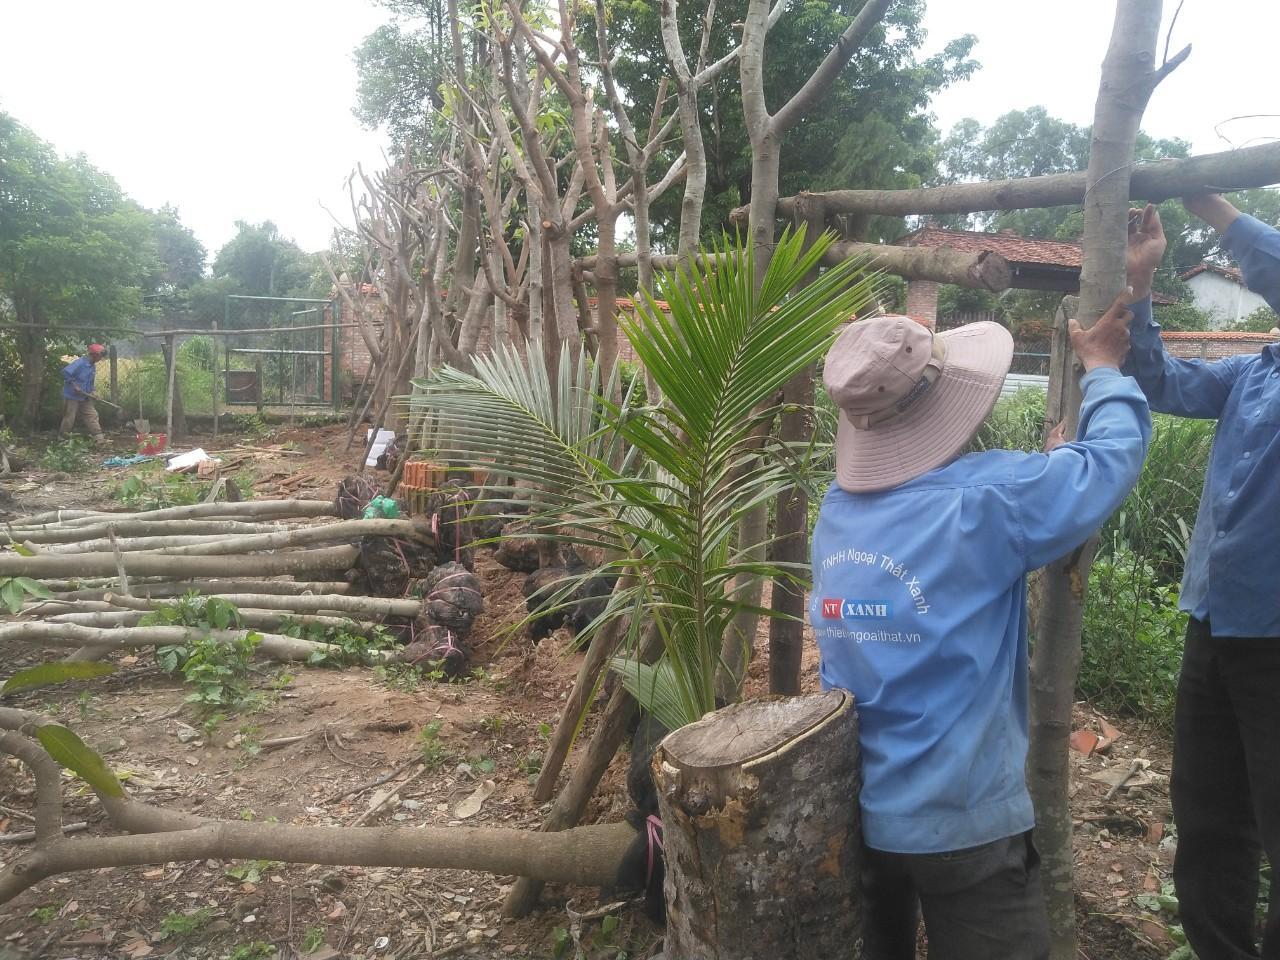 Dịch vụ trồng cây xanh của Ngoại Thất Xanh